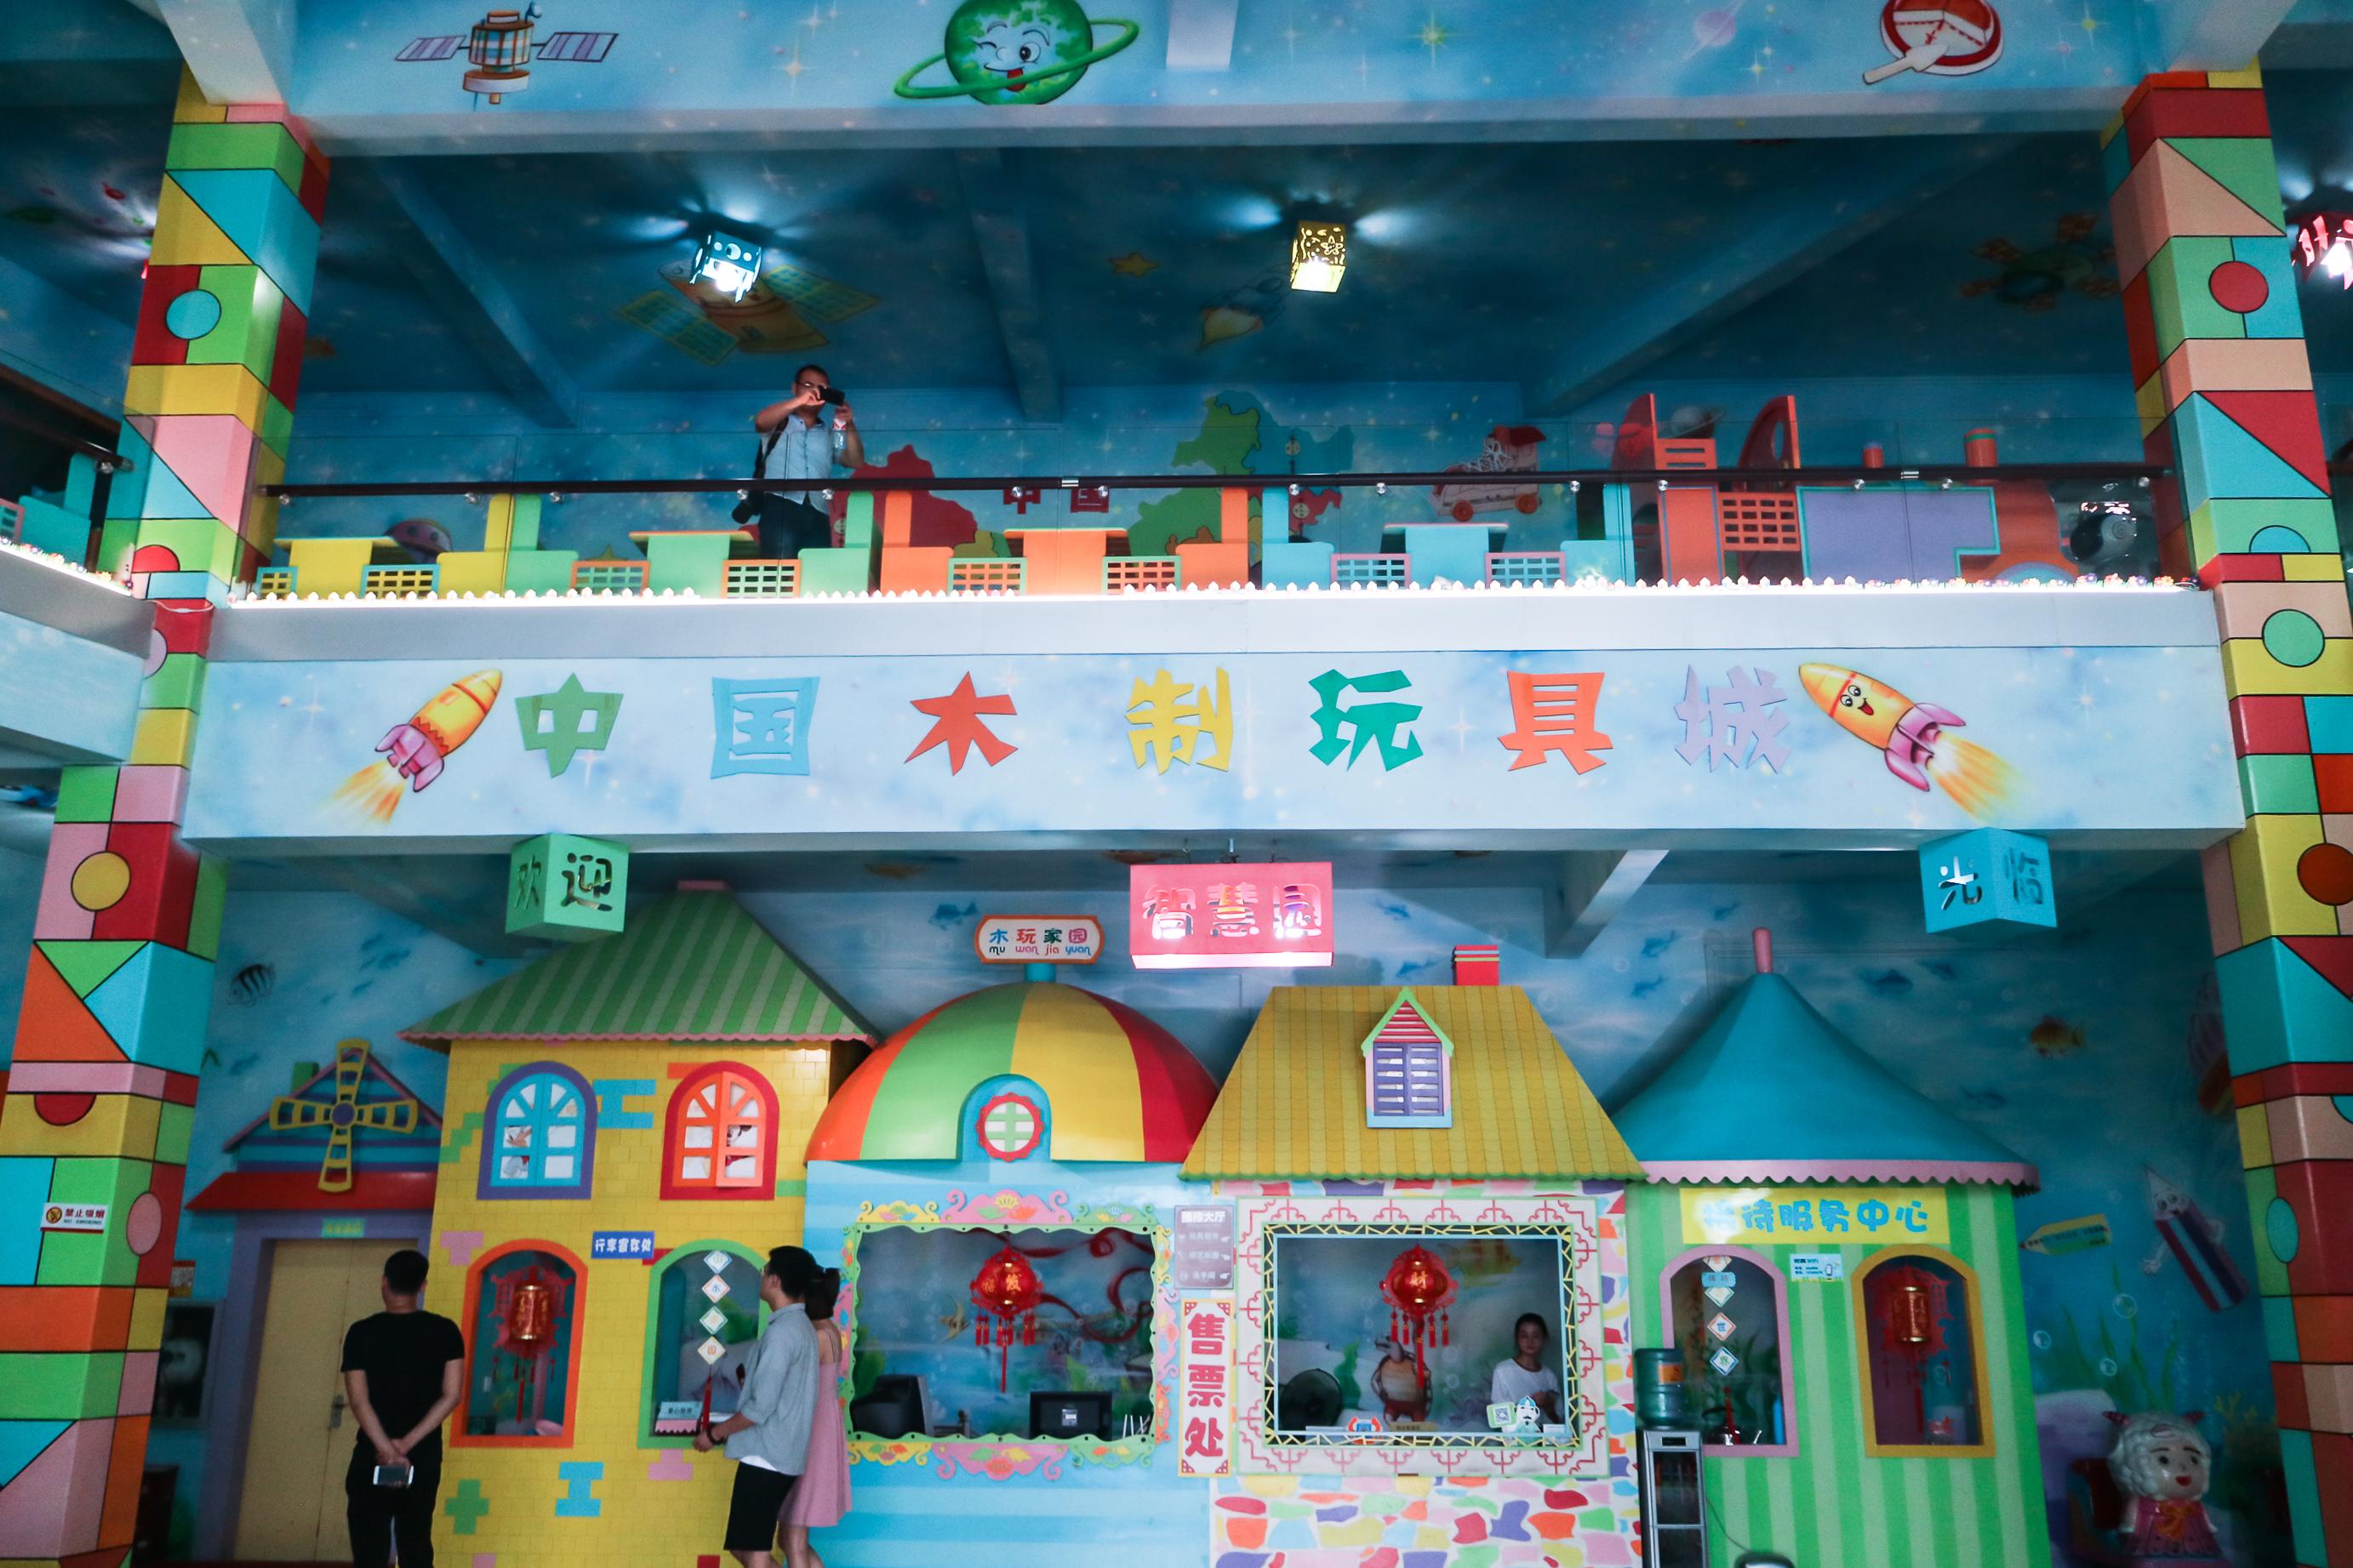 云和县童话玩具智慧园有限公司_工商信息_风险信息 - 天眼查